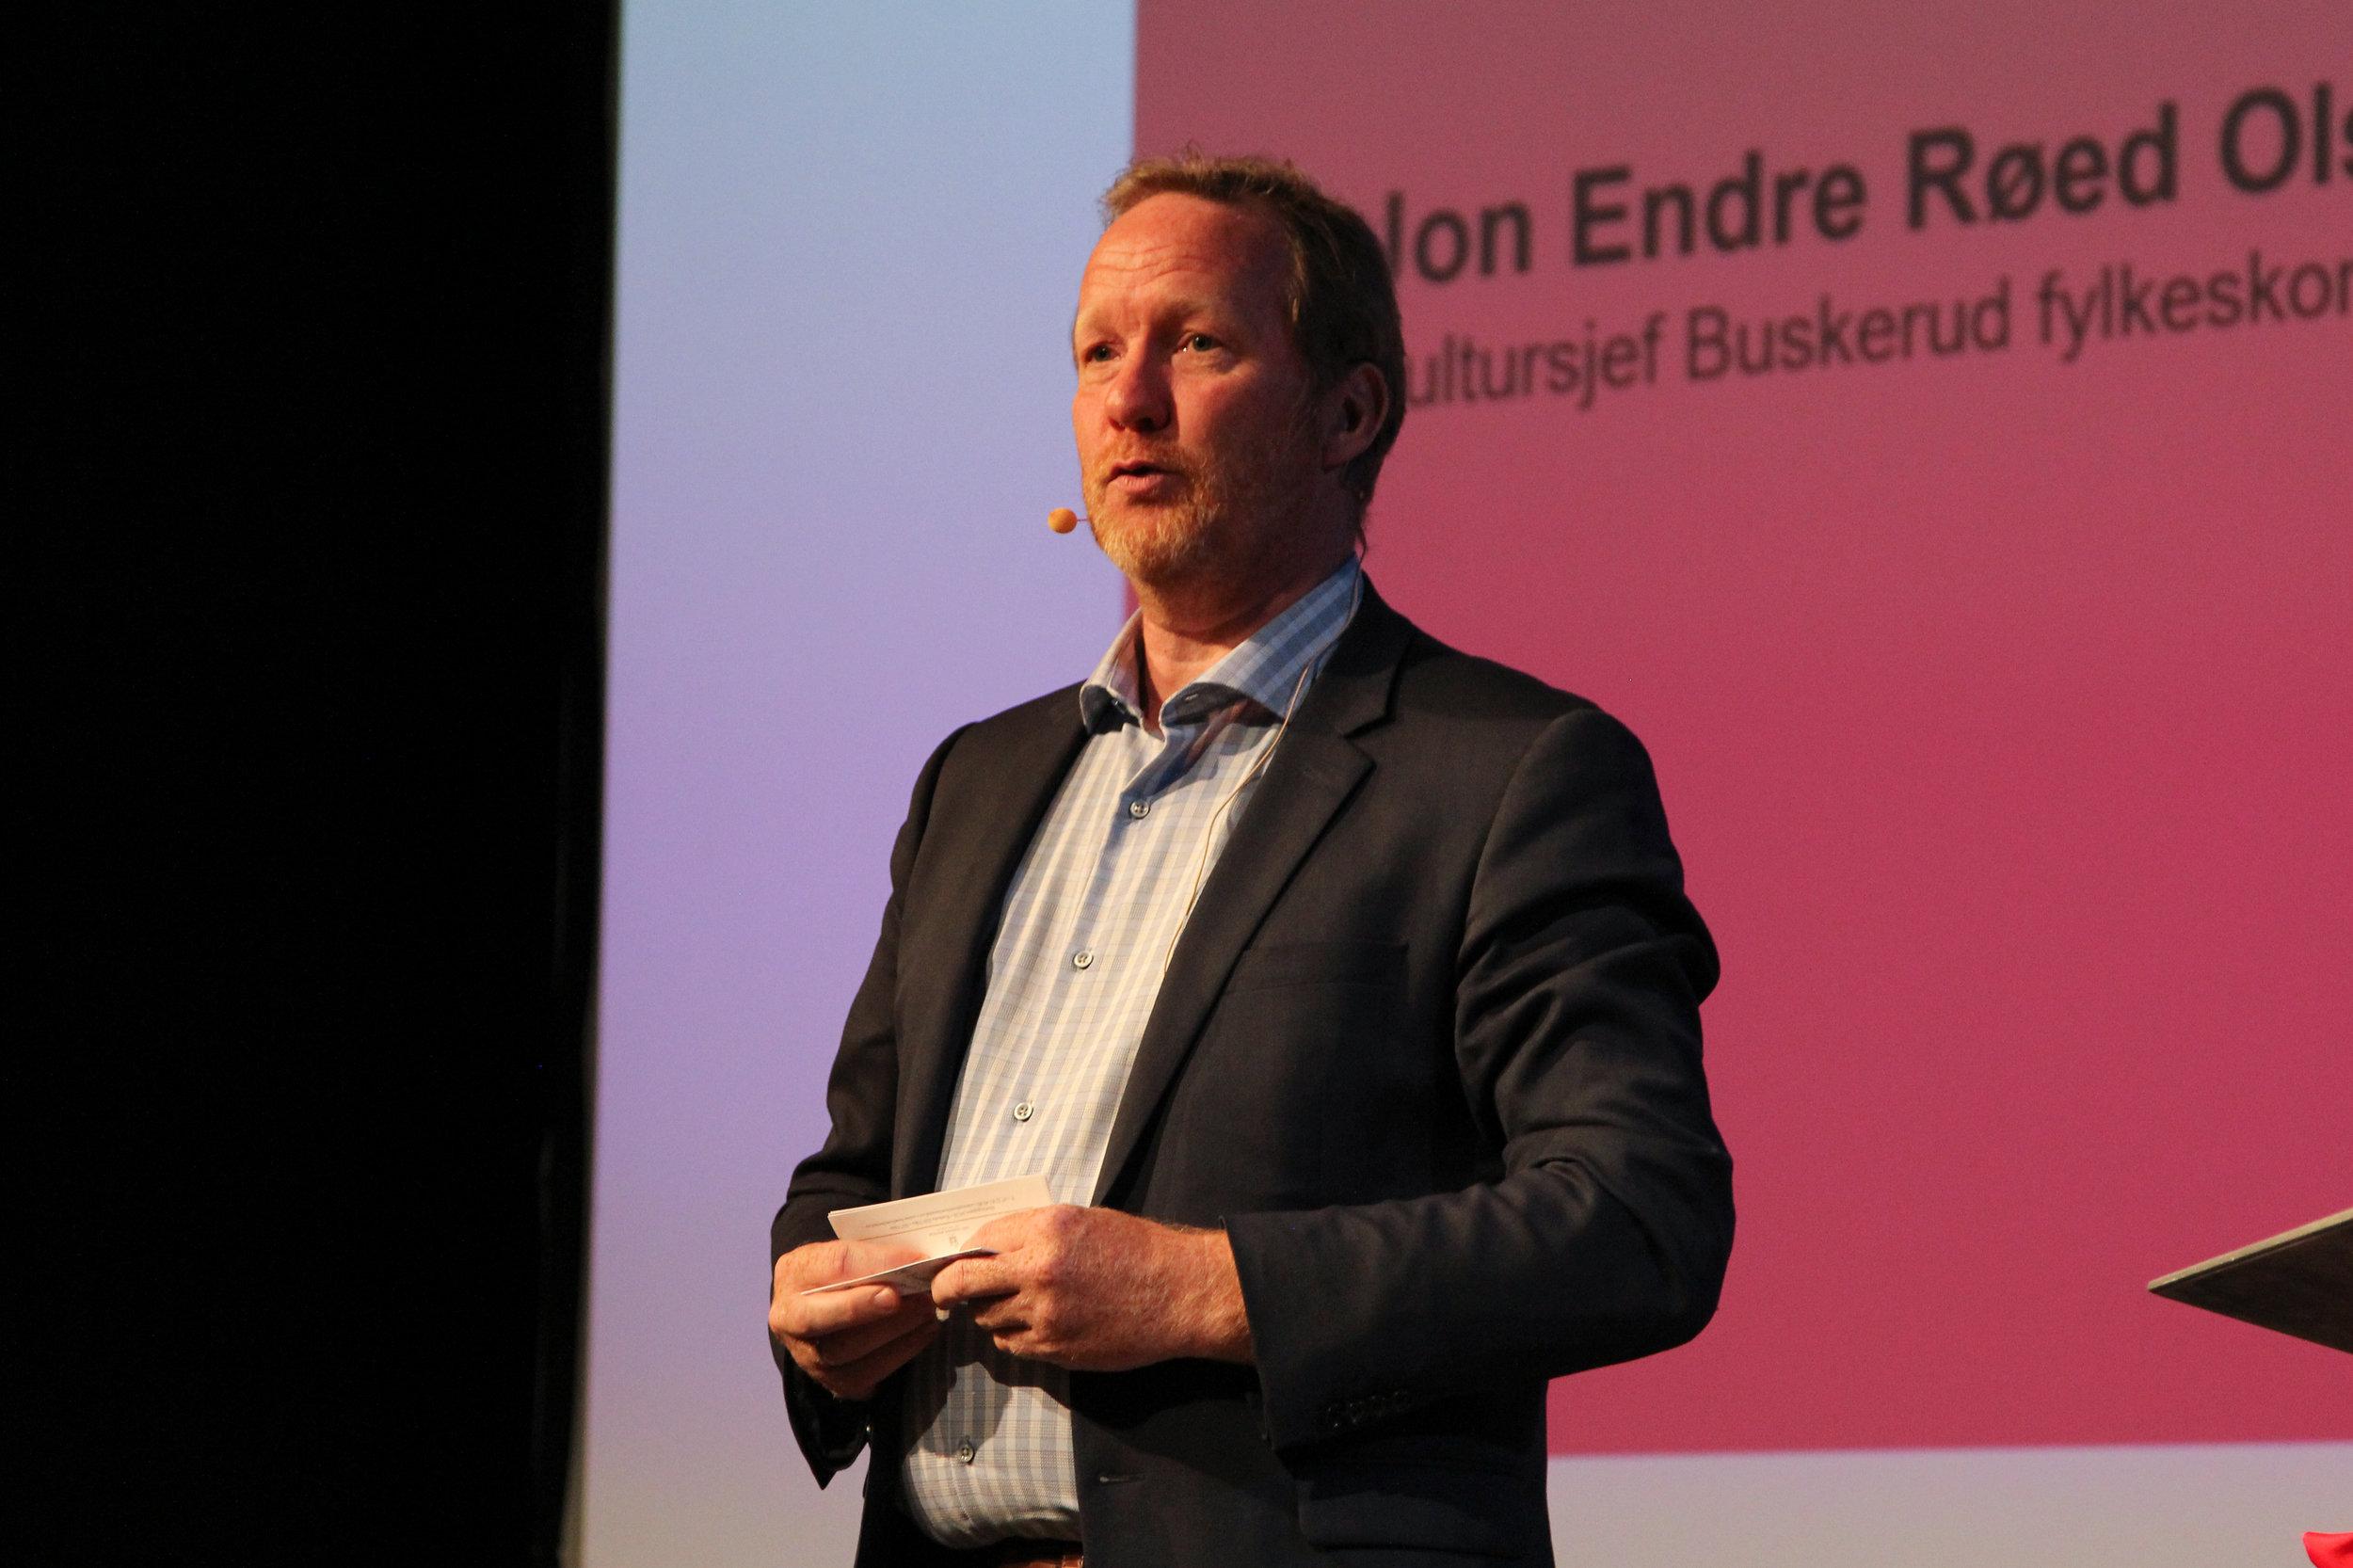 Jon Endre Røed Olsen, fylkeskultursjef i Buskerud